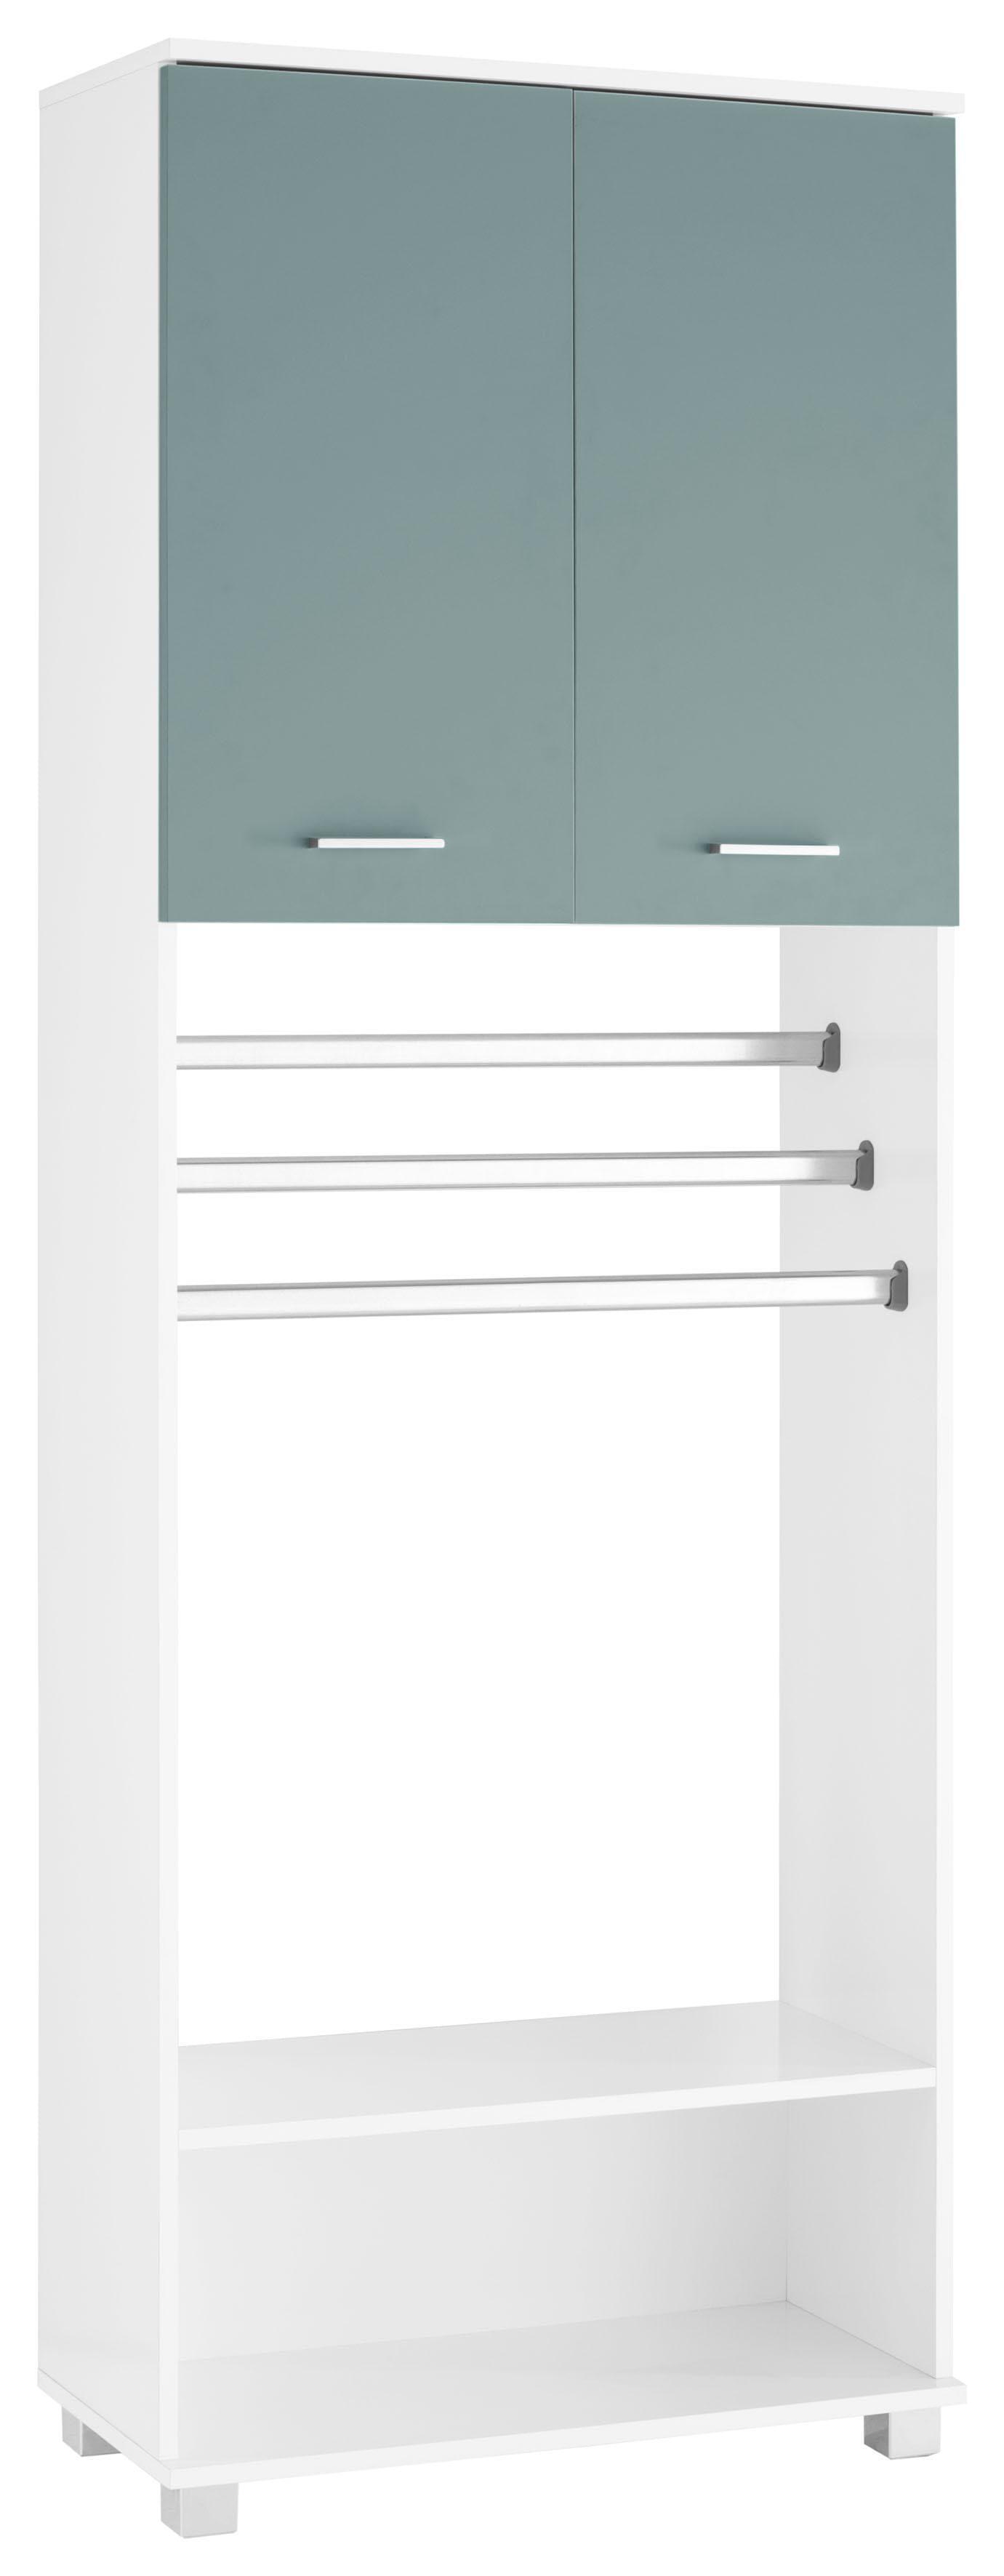 Schildmeyer Umbauschrank Lumo mit Handtuchhalter | Küche und Esszimmer > Küchenschränke > Umbauschränke | Weiß | Glänzend - Melamin | Schildmeyer